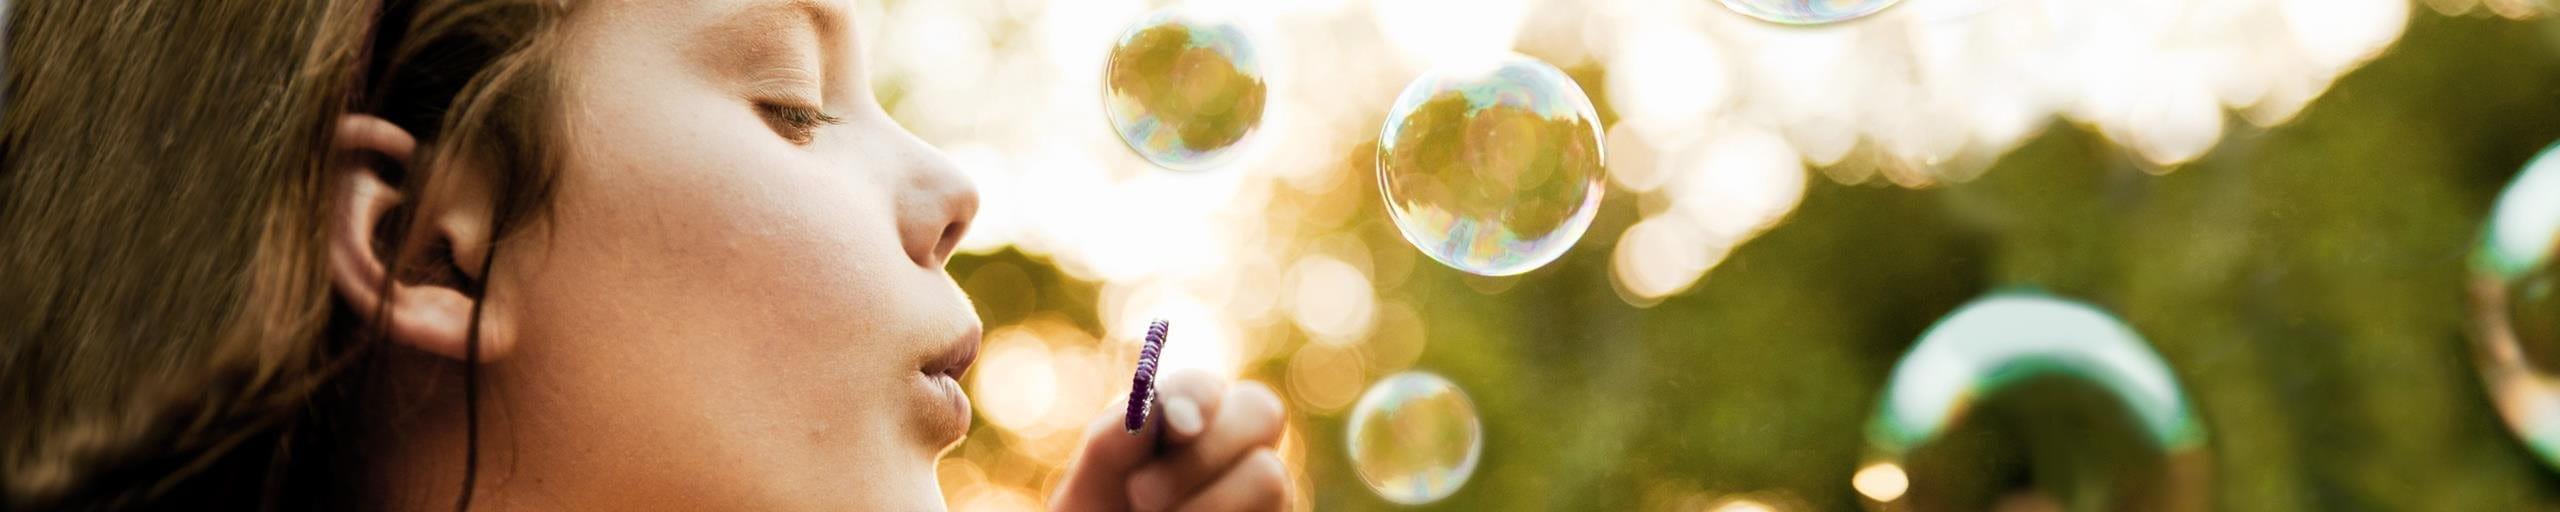 Una bambina fa delle bolle di sapone.